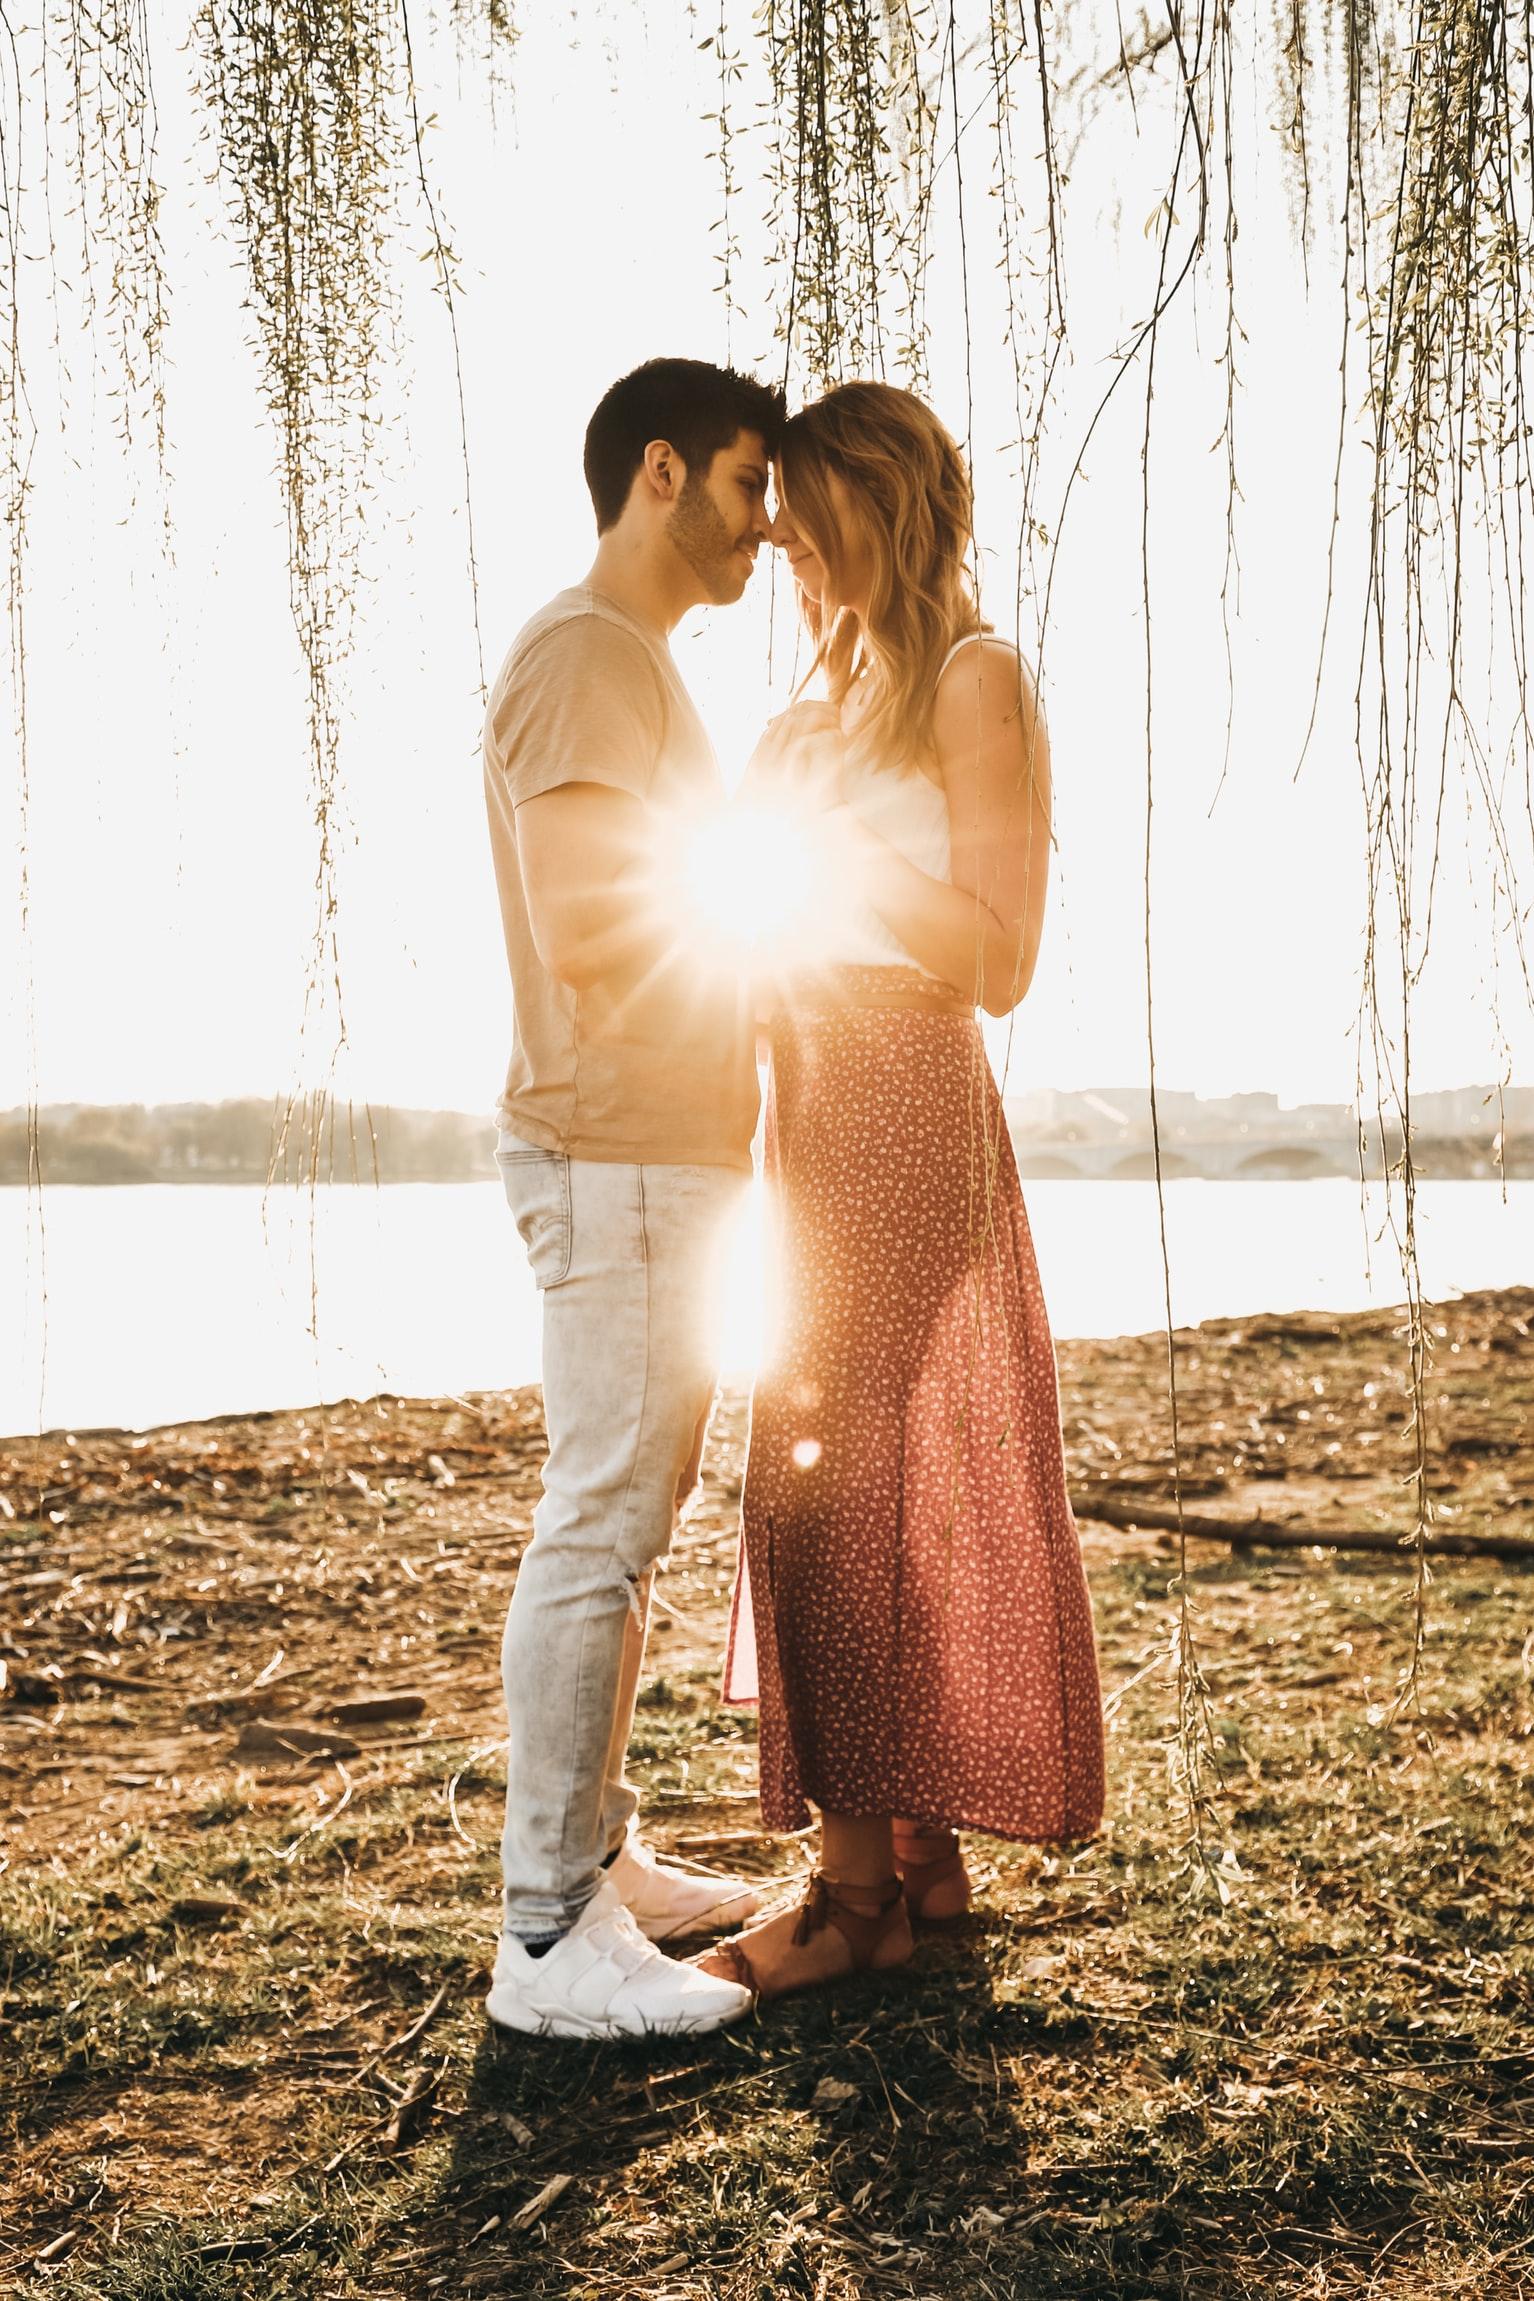 đàn ông nhân mã trong tình yêu cặp đôi nắm tay nhau dưới nắng